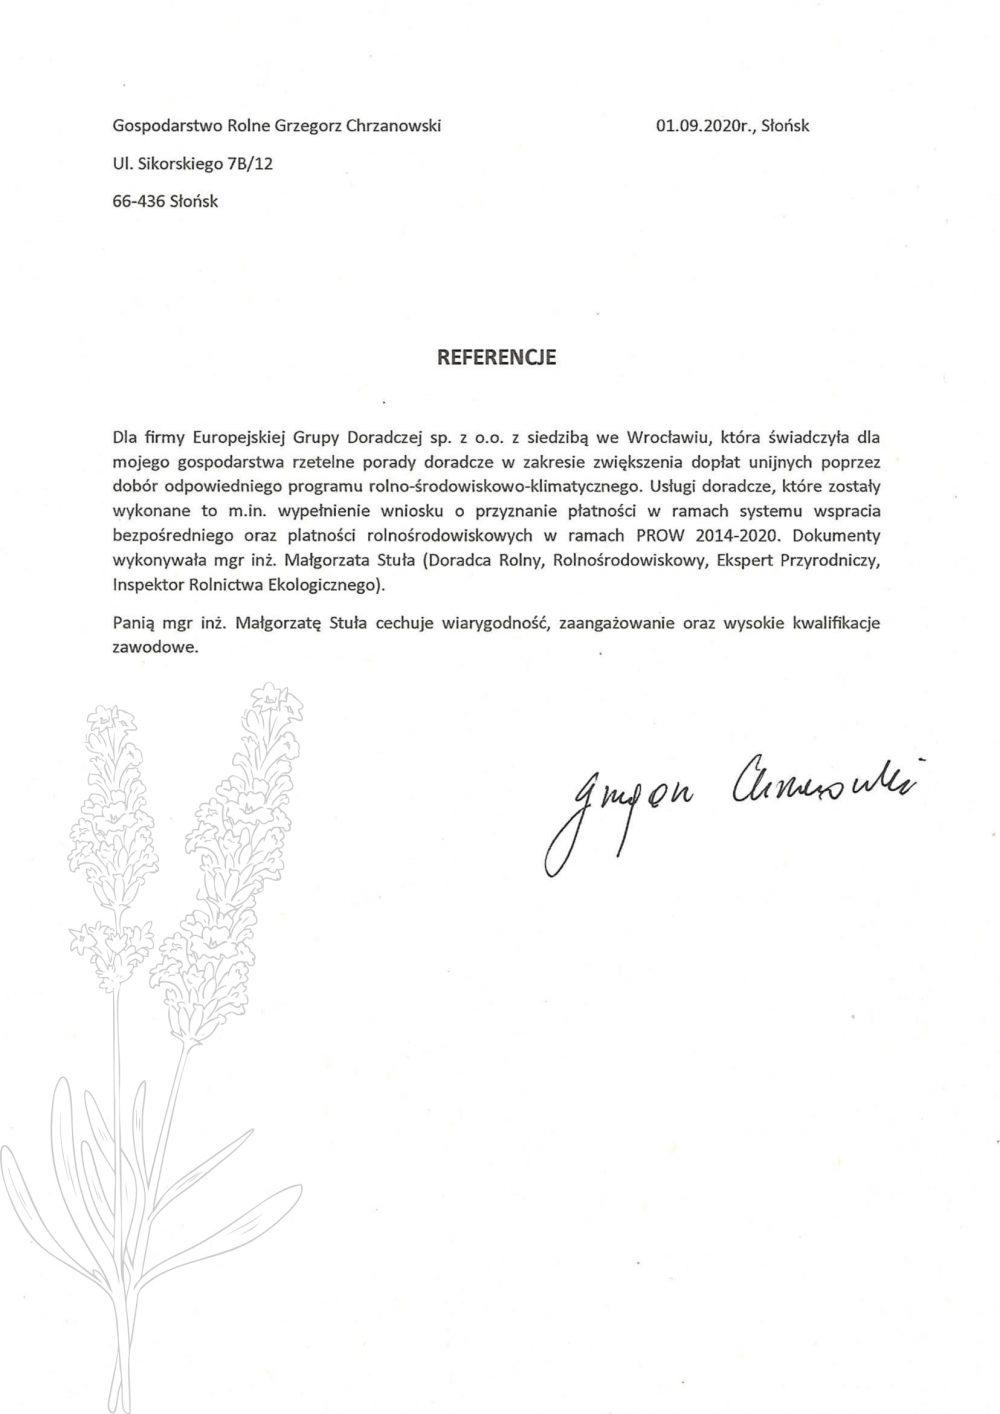 Opinie Twój Doradca Rolny - Chrzanowski